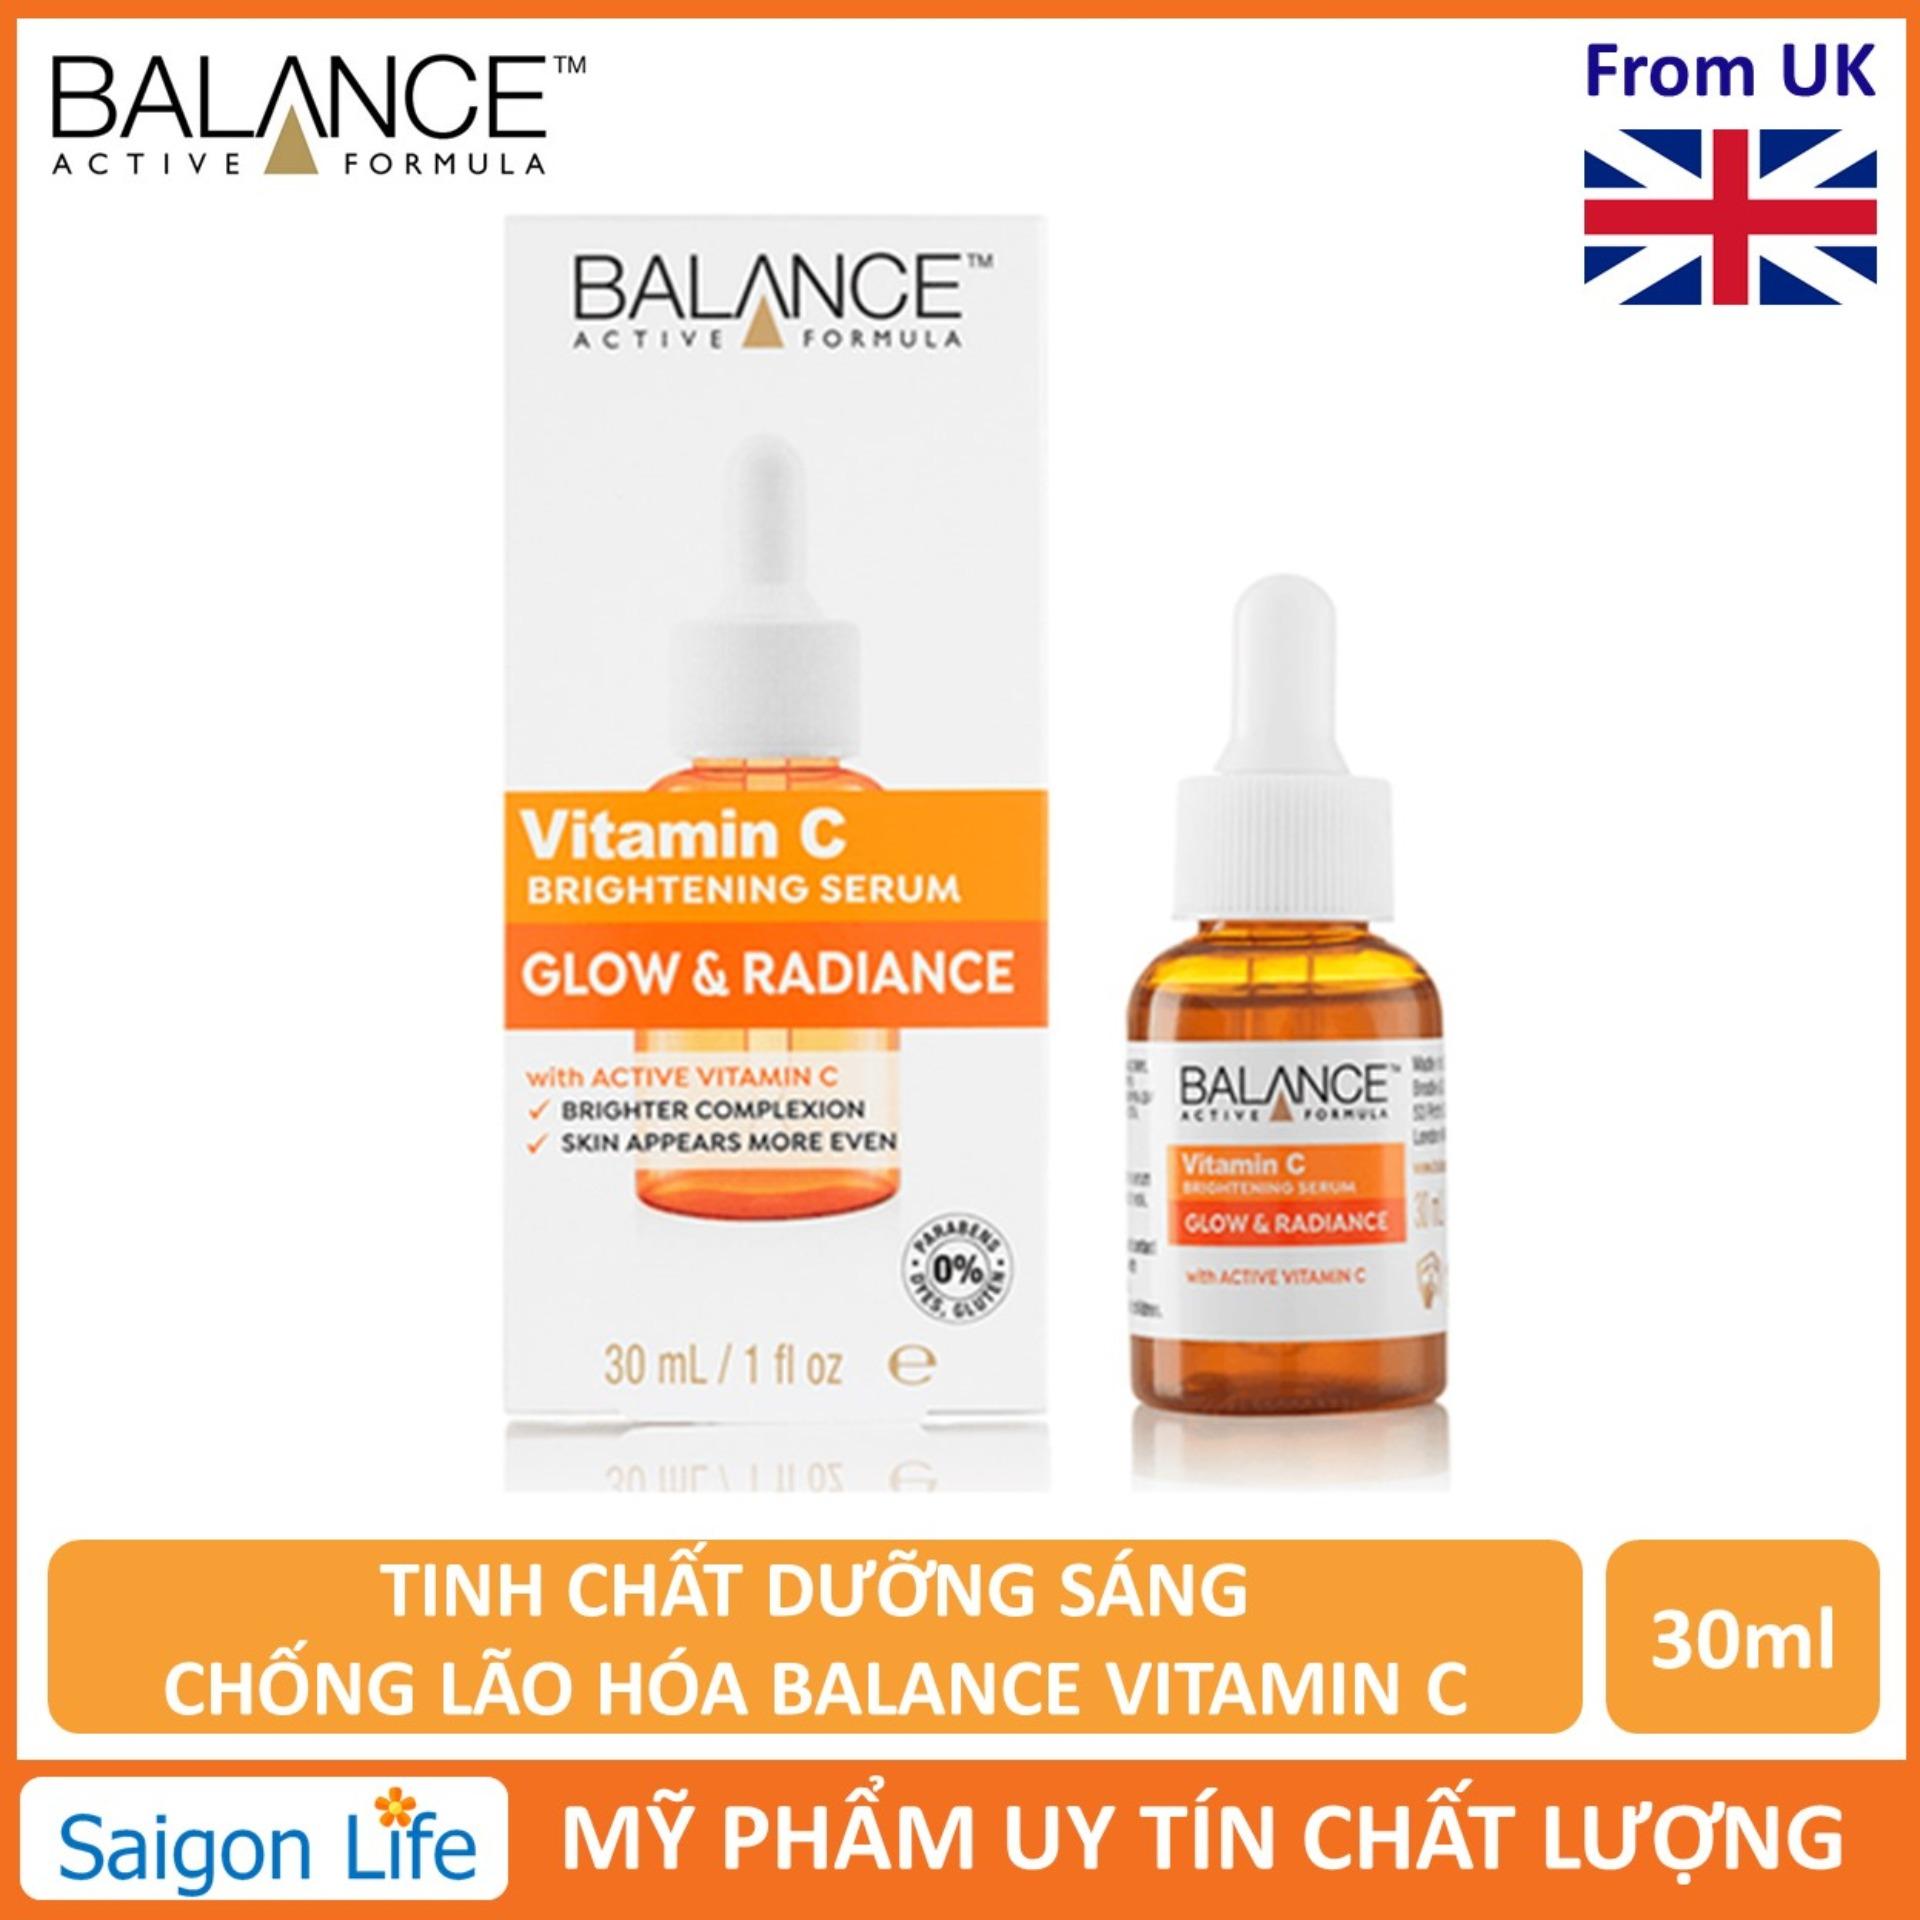 Tinh Chất Dưỡng Sáng, Chống Lão Hóa Balance Active Formula Vitamin C Brightening Serum - 30ml nhập khẩu